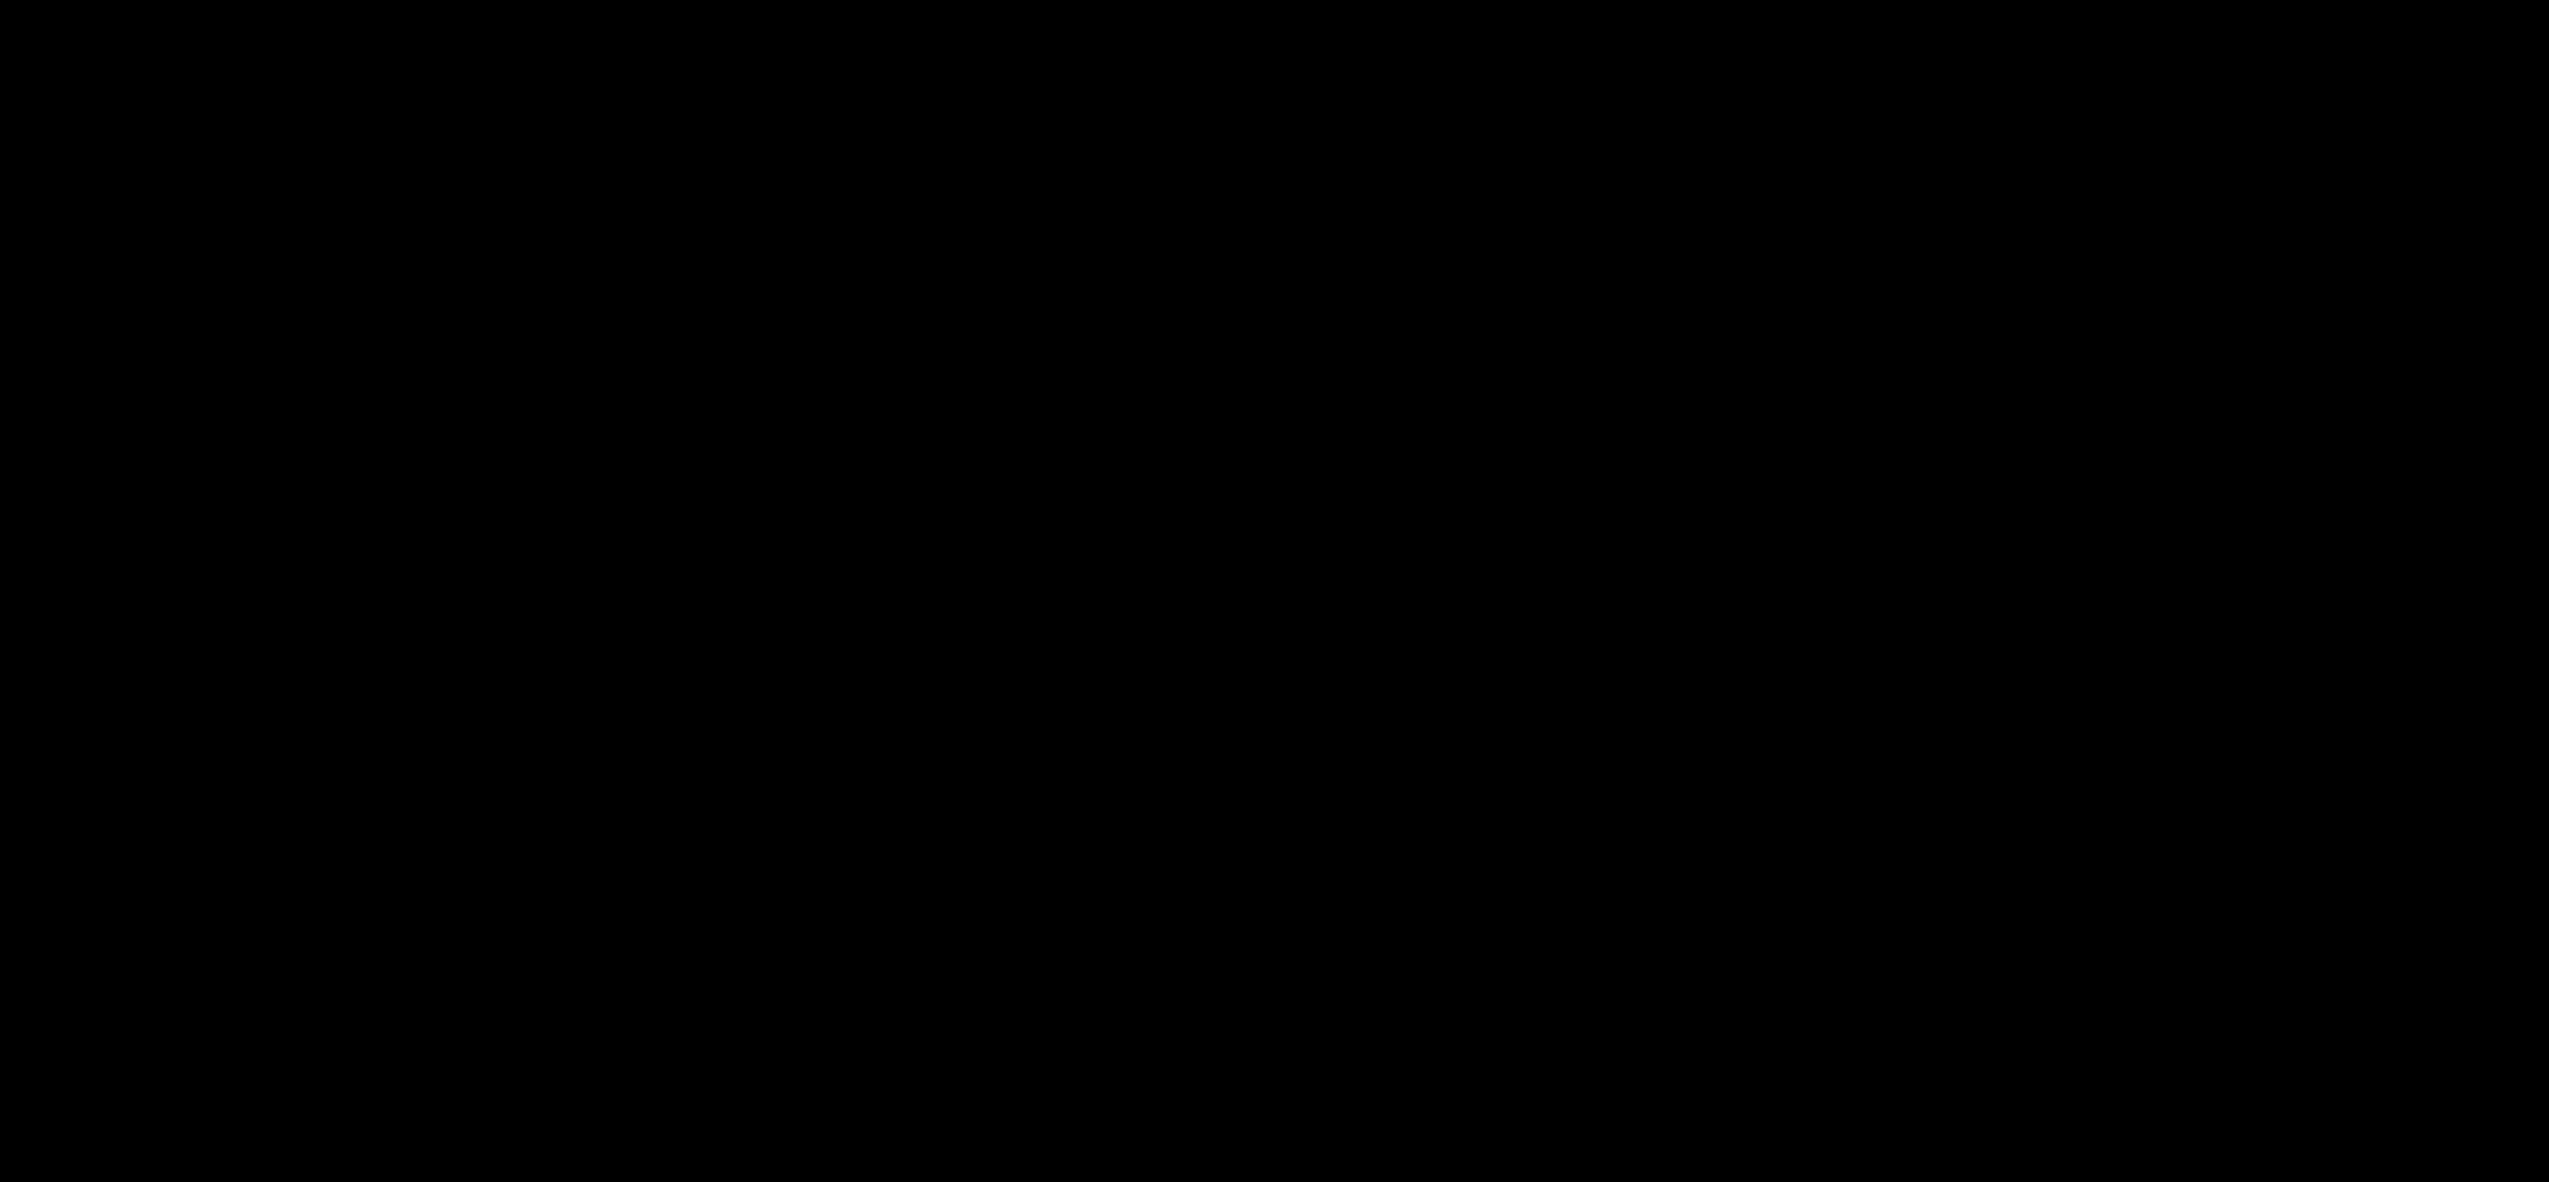 Oberlimatte